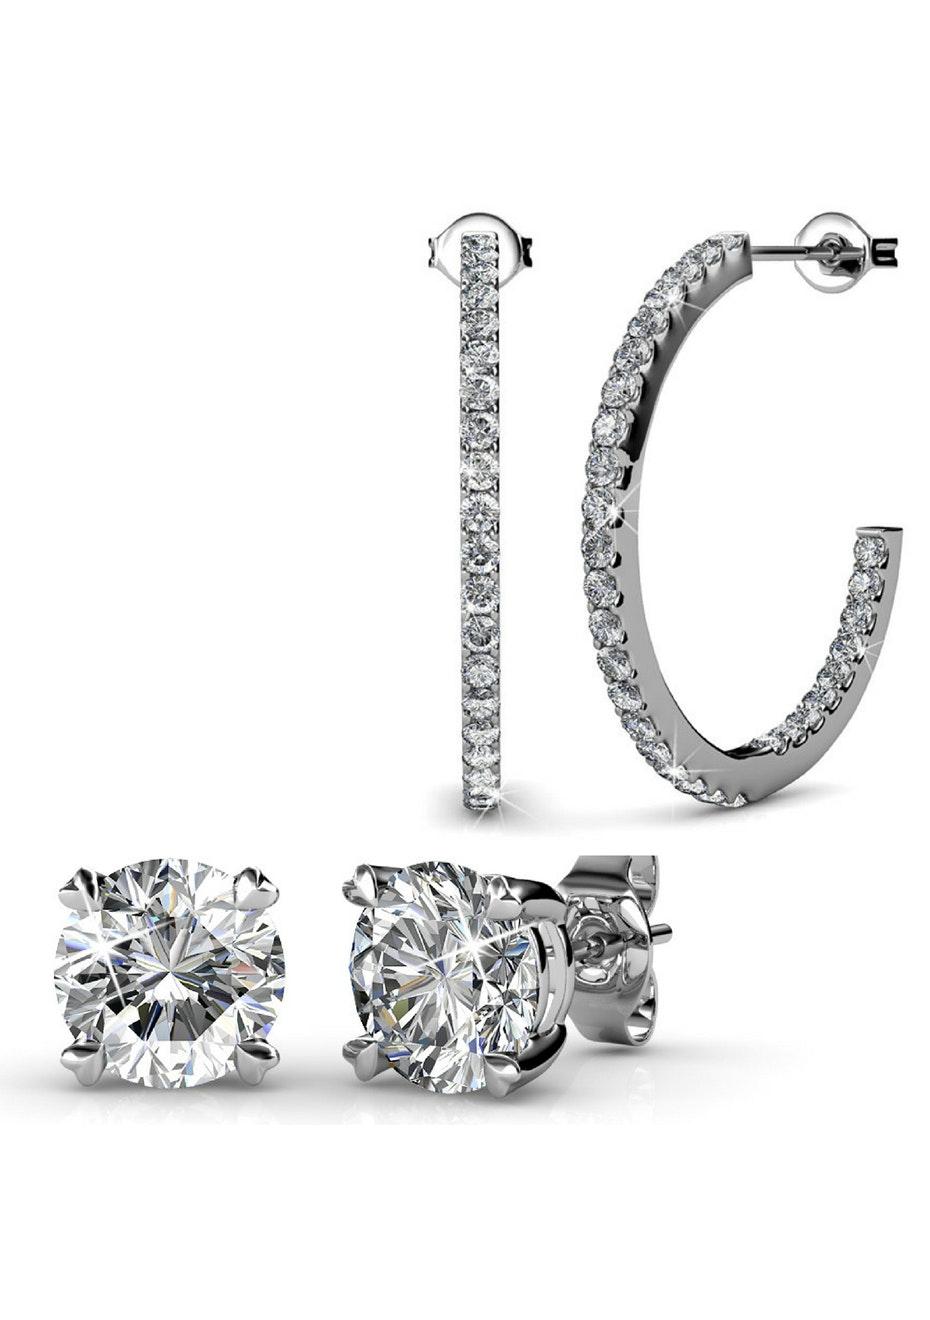 2 Pair Set Hoop & Stud Earrings Ft Swarovski Crystals